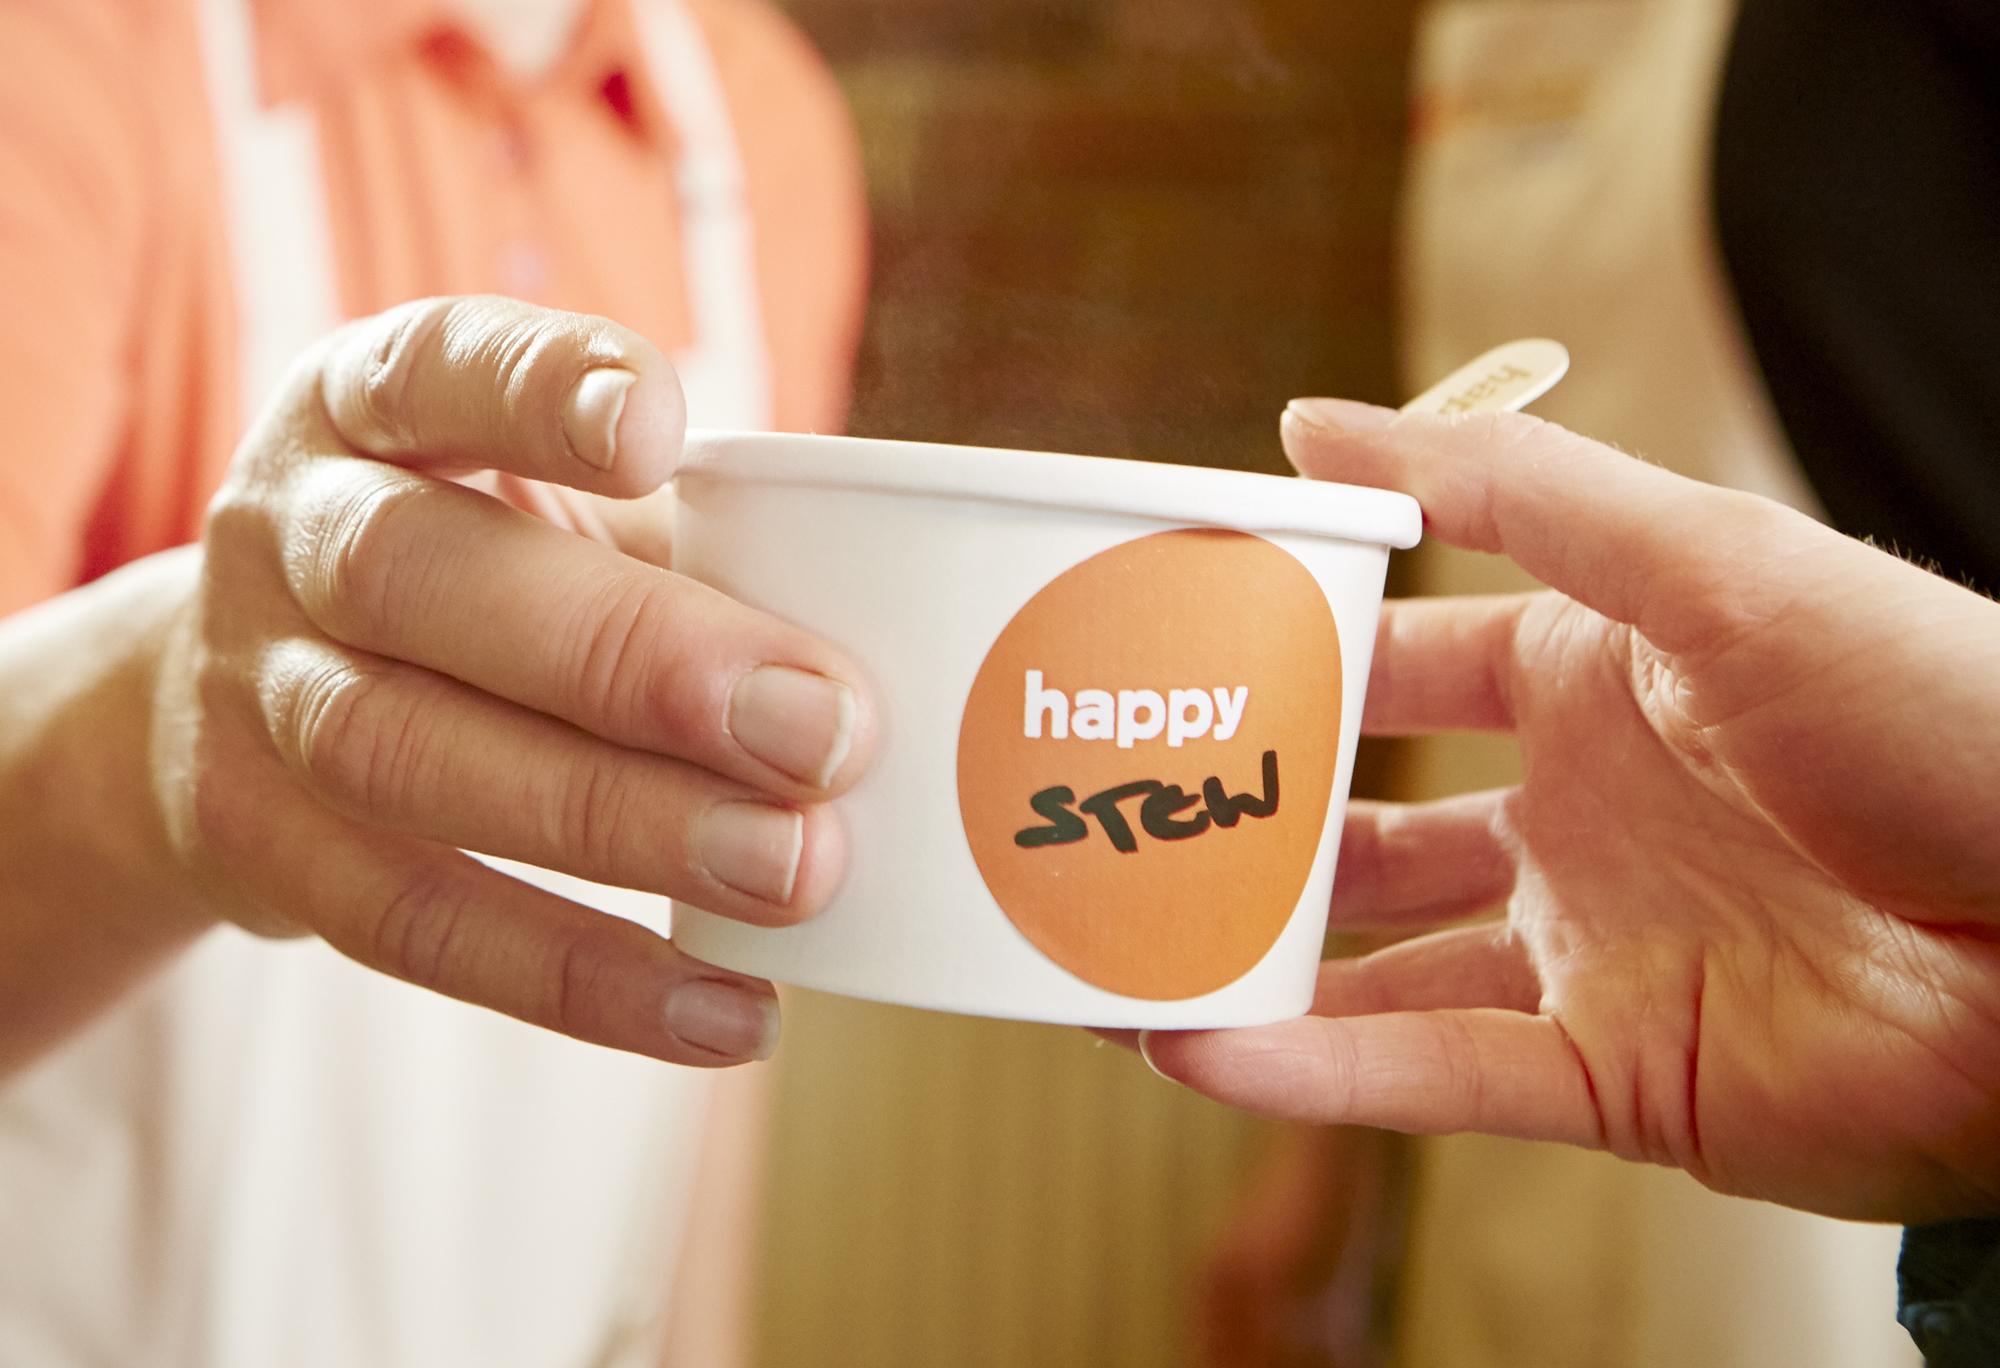 HB-Happystew2